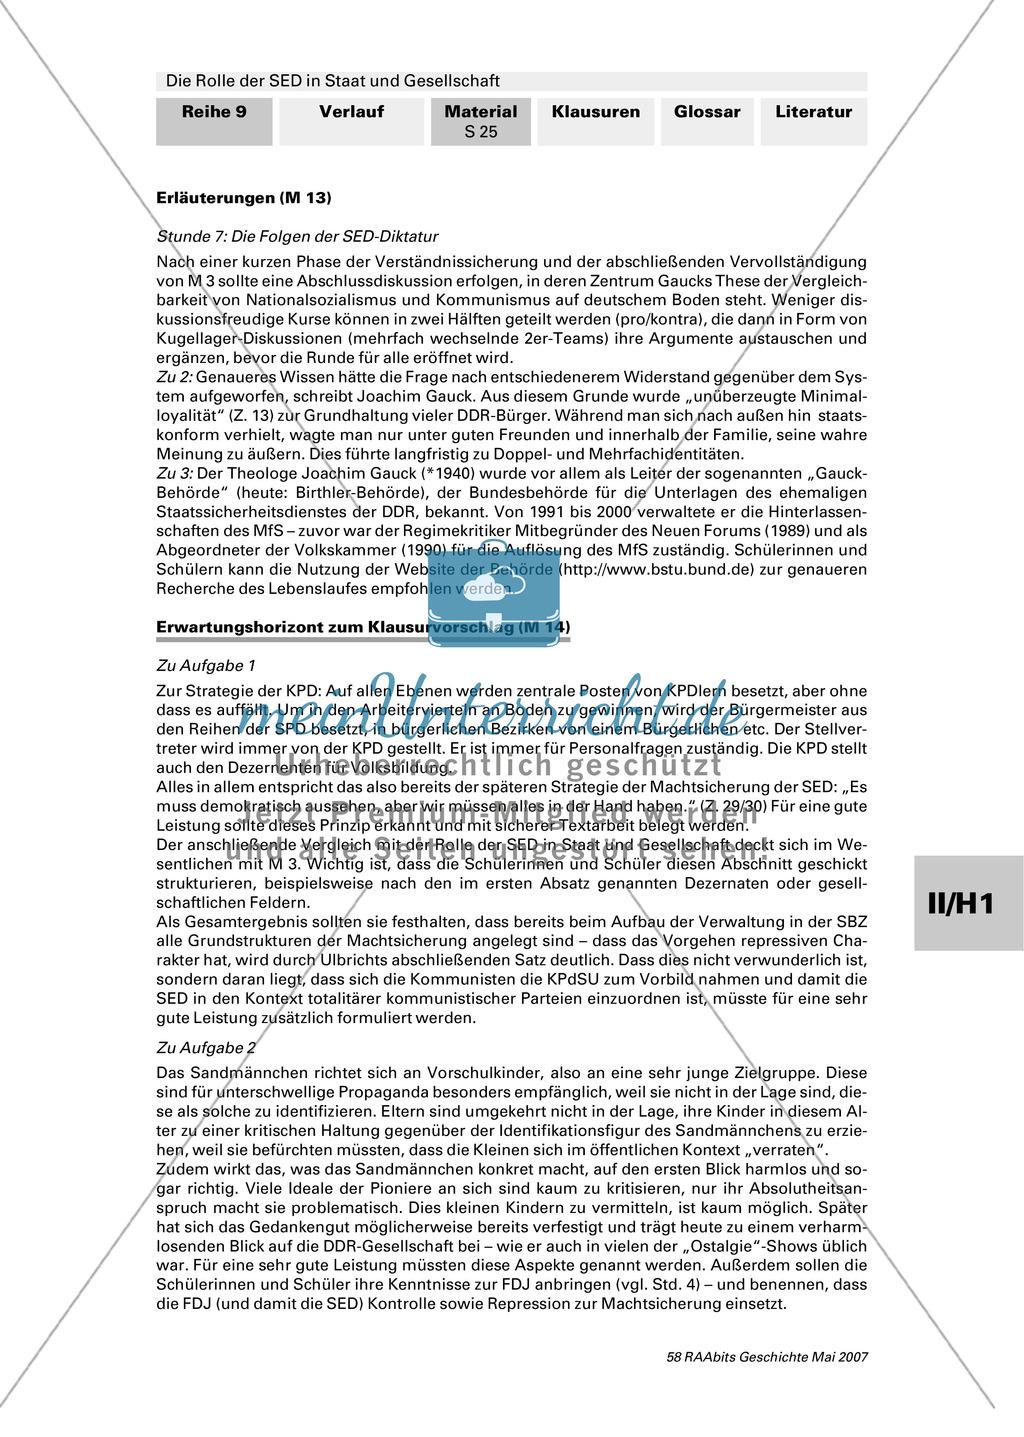 Die Rolle der SED in Staat und Gesellschaft. Preview 2